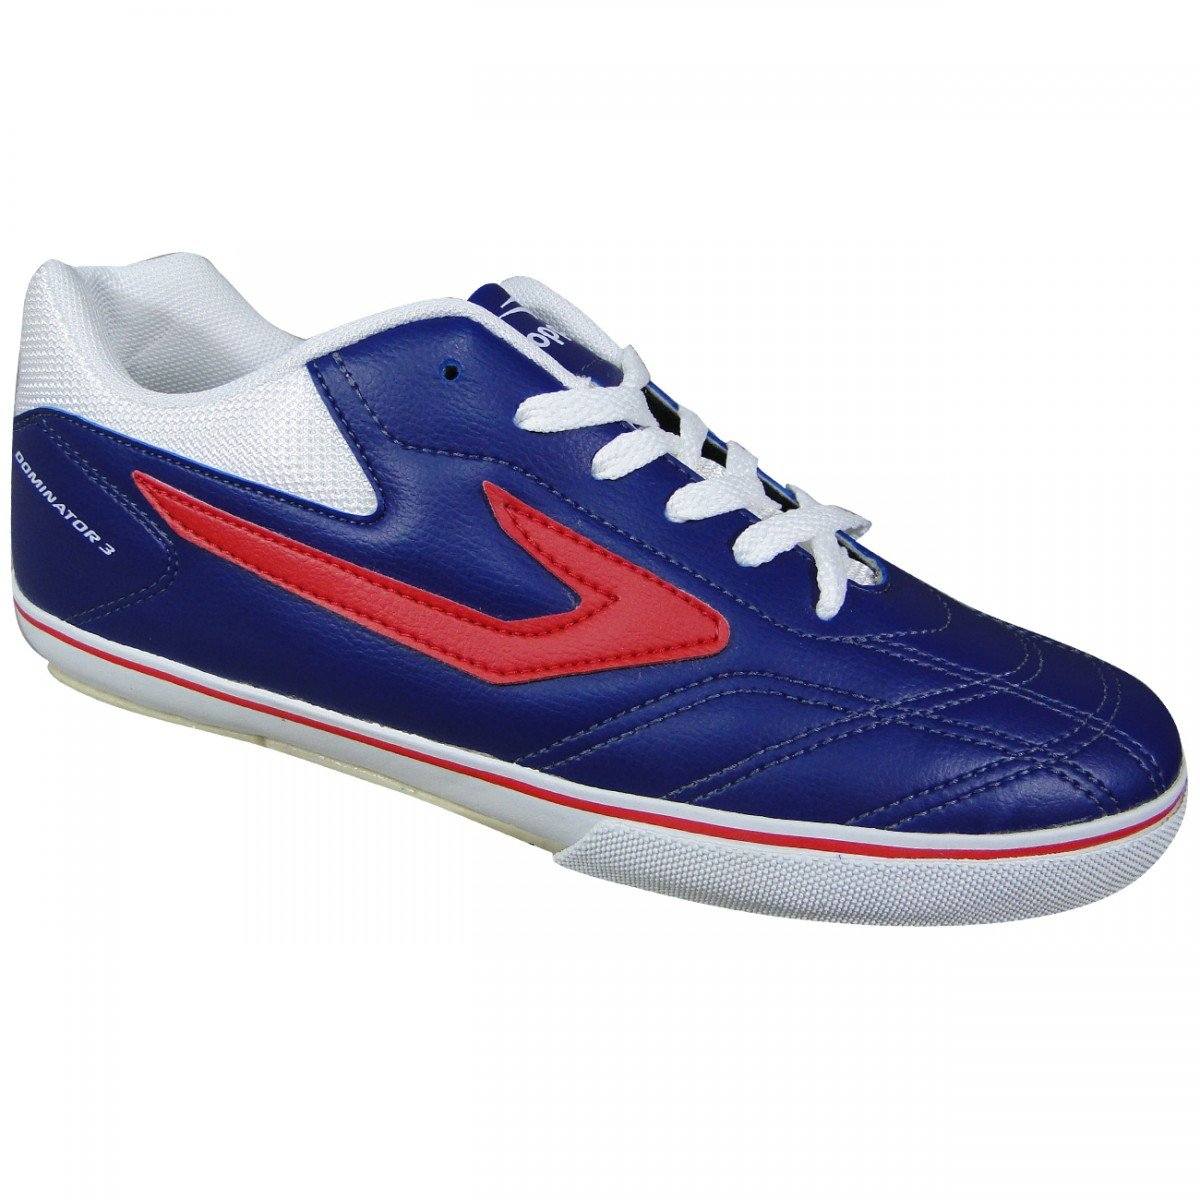 ce0df93c12 Tênis Topper Dominator III Futsal - Compre Agora